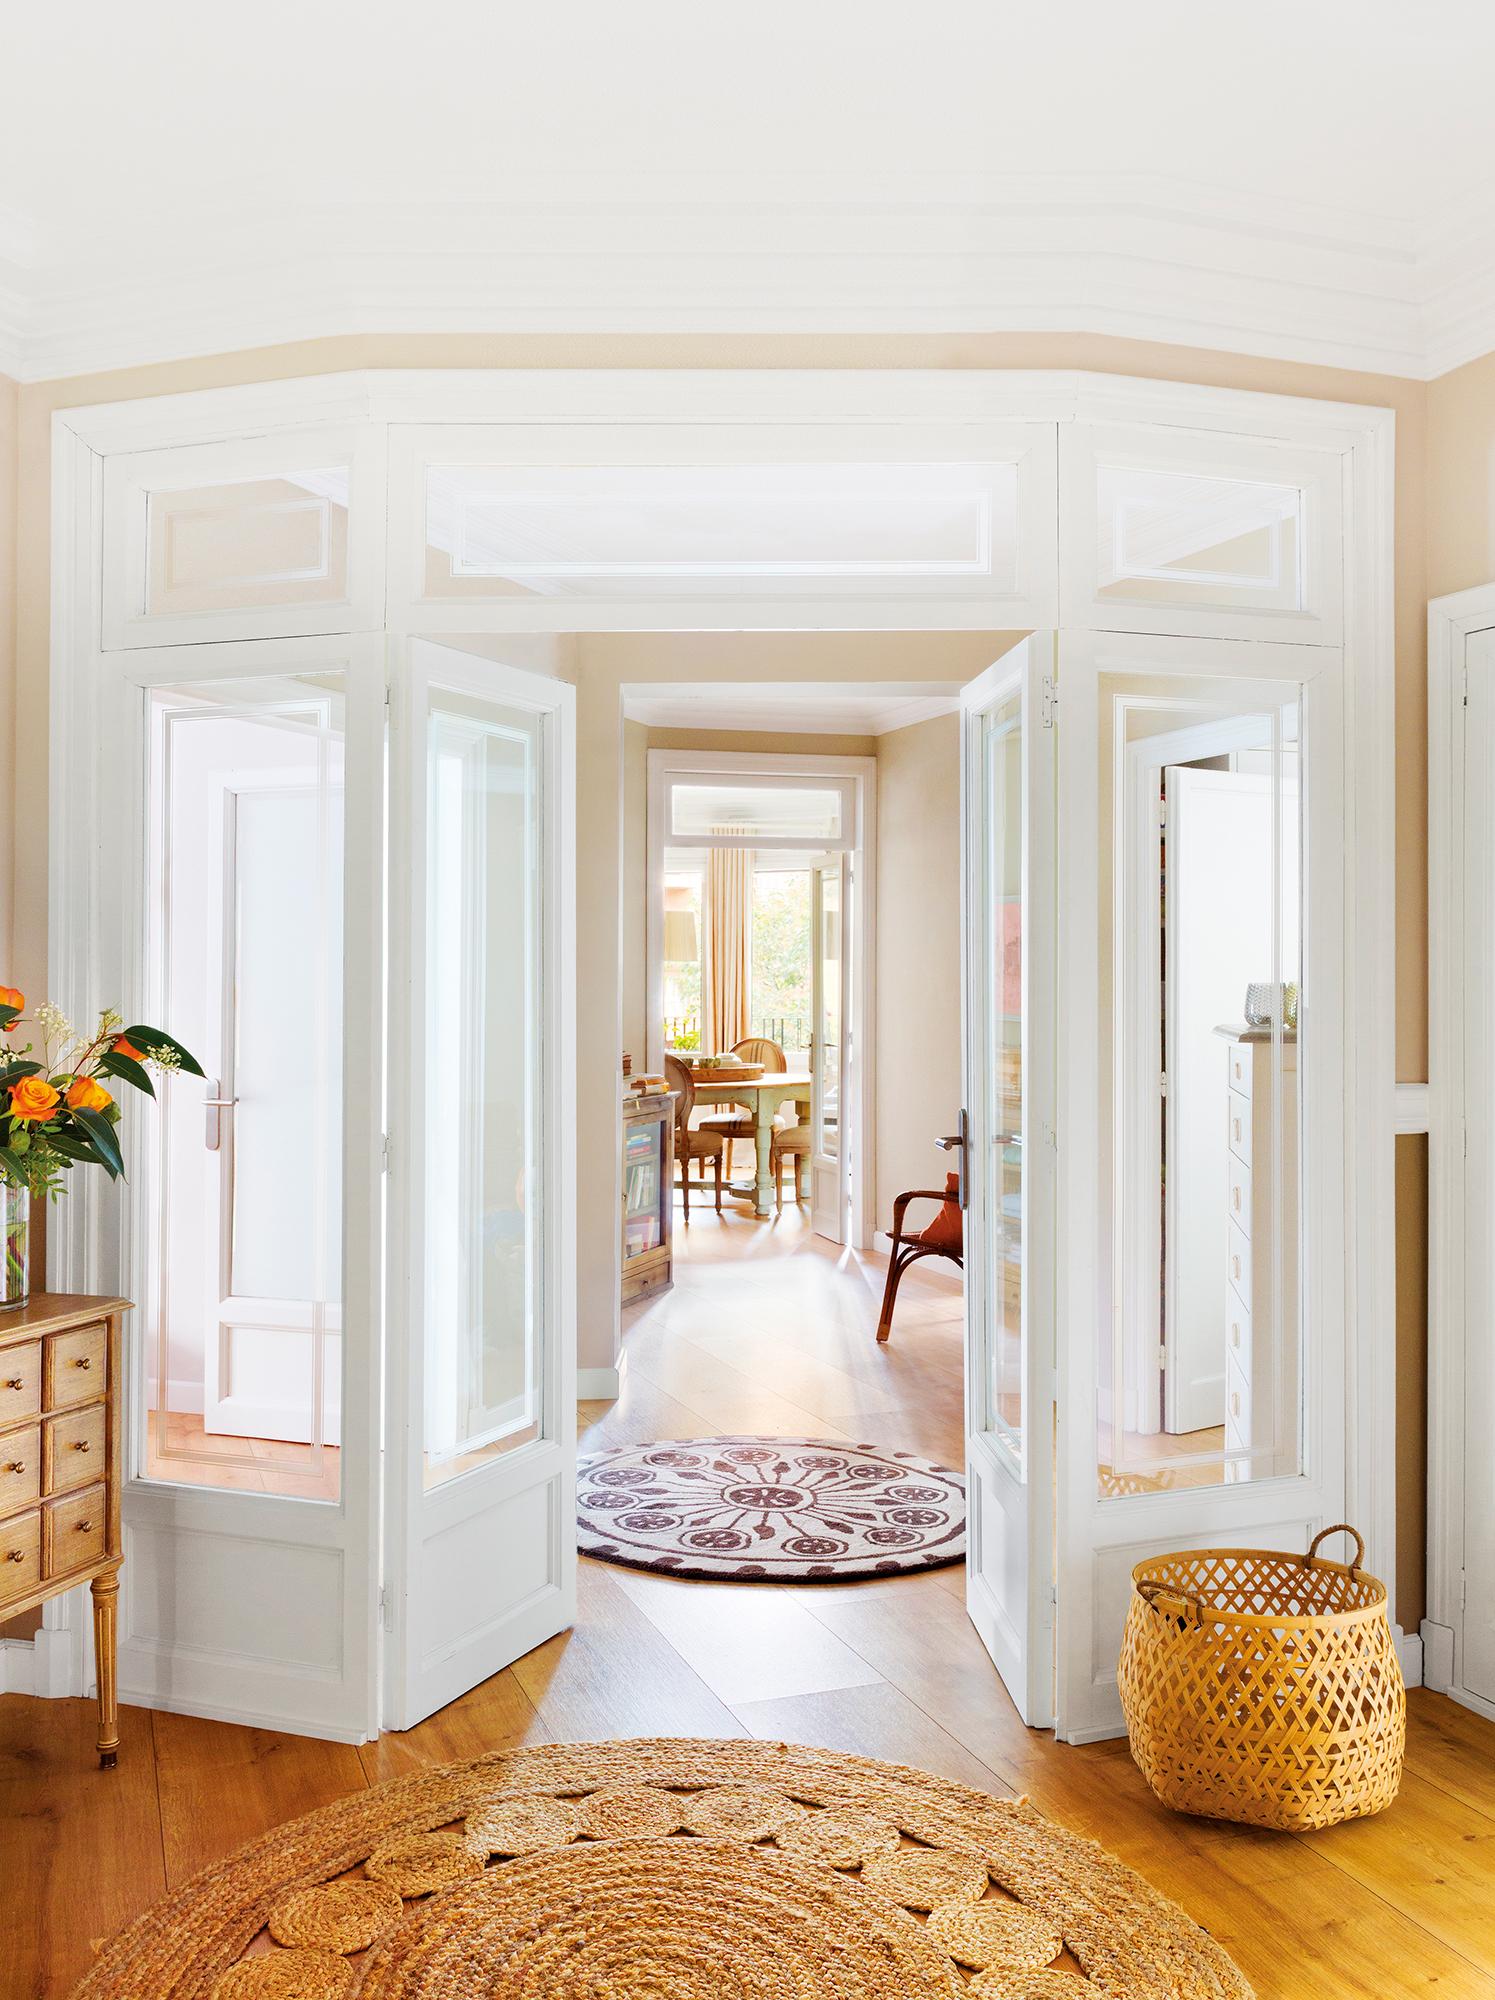 Recibidores los mejores 50 de el mueble for Vidrios decorados para puertas interiores